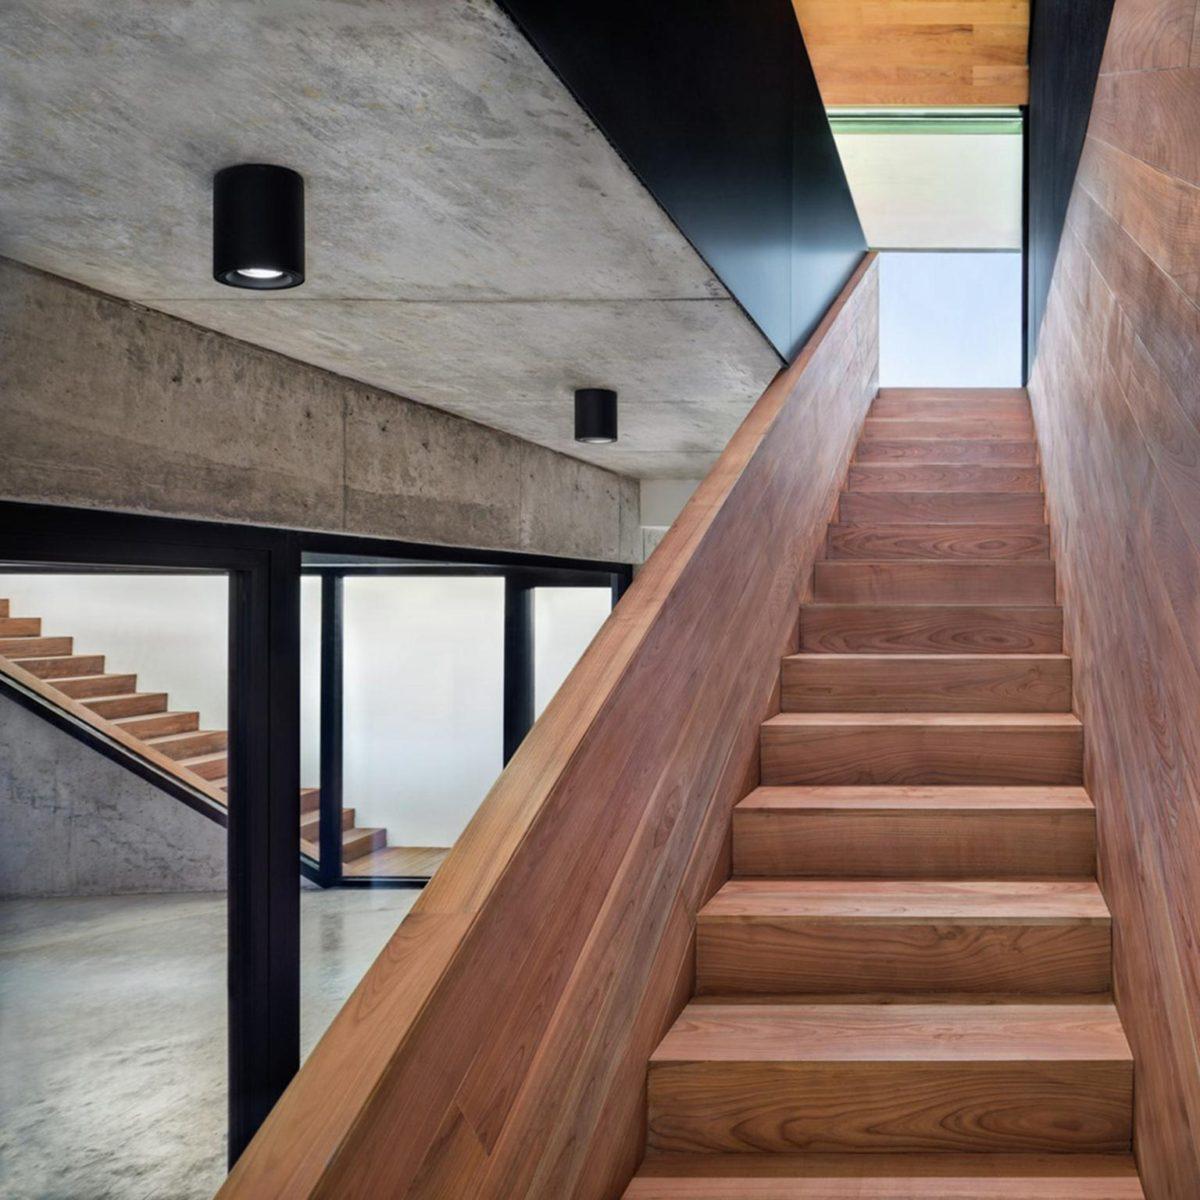 Thiết kế biệt thự view 360 độ độc đáo và ấn tượng - 08